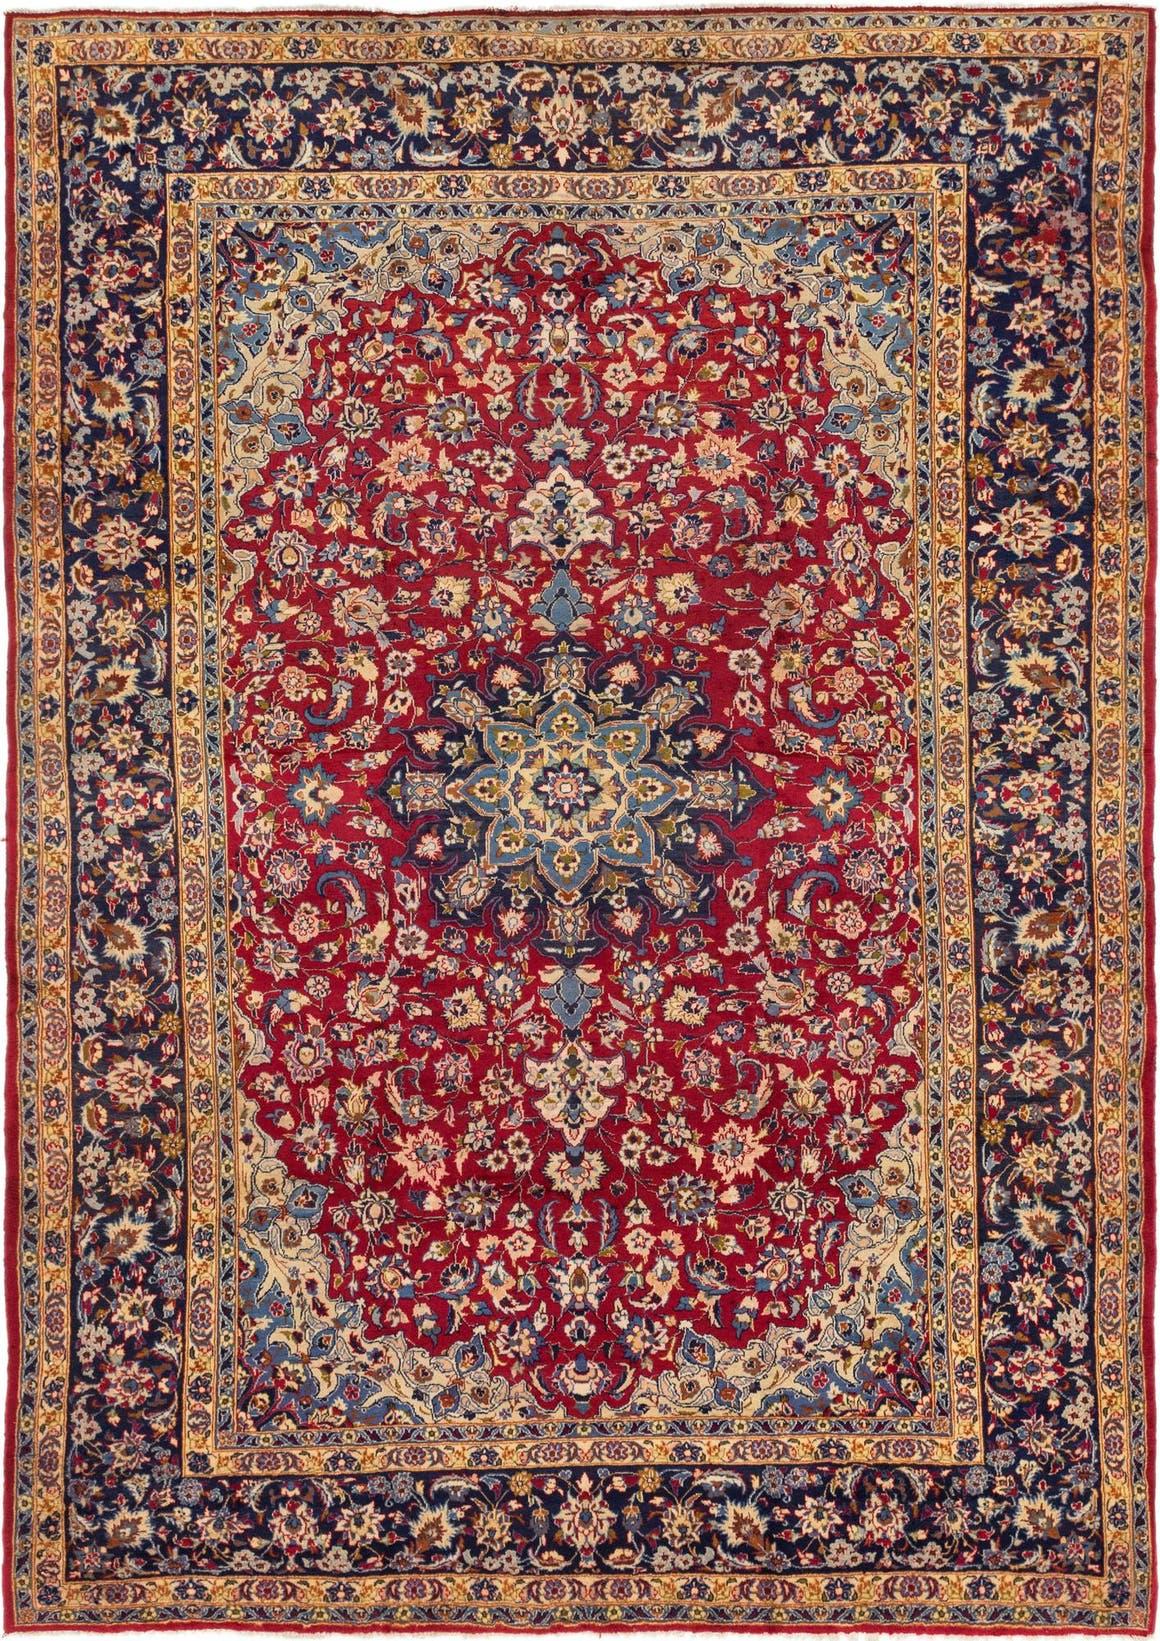 9' 9 x 13' 9 Isfahan Persian Rug main image